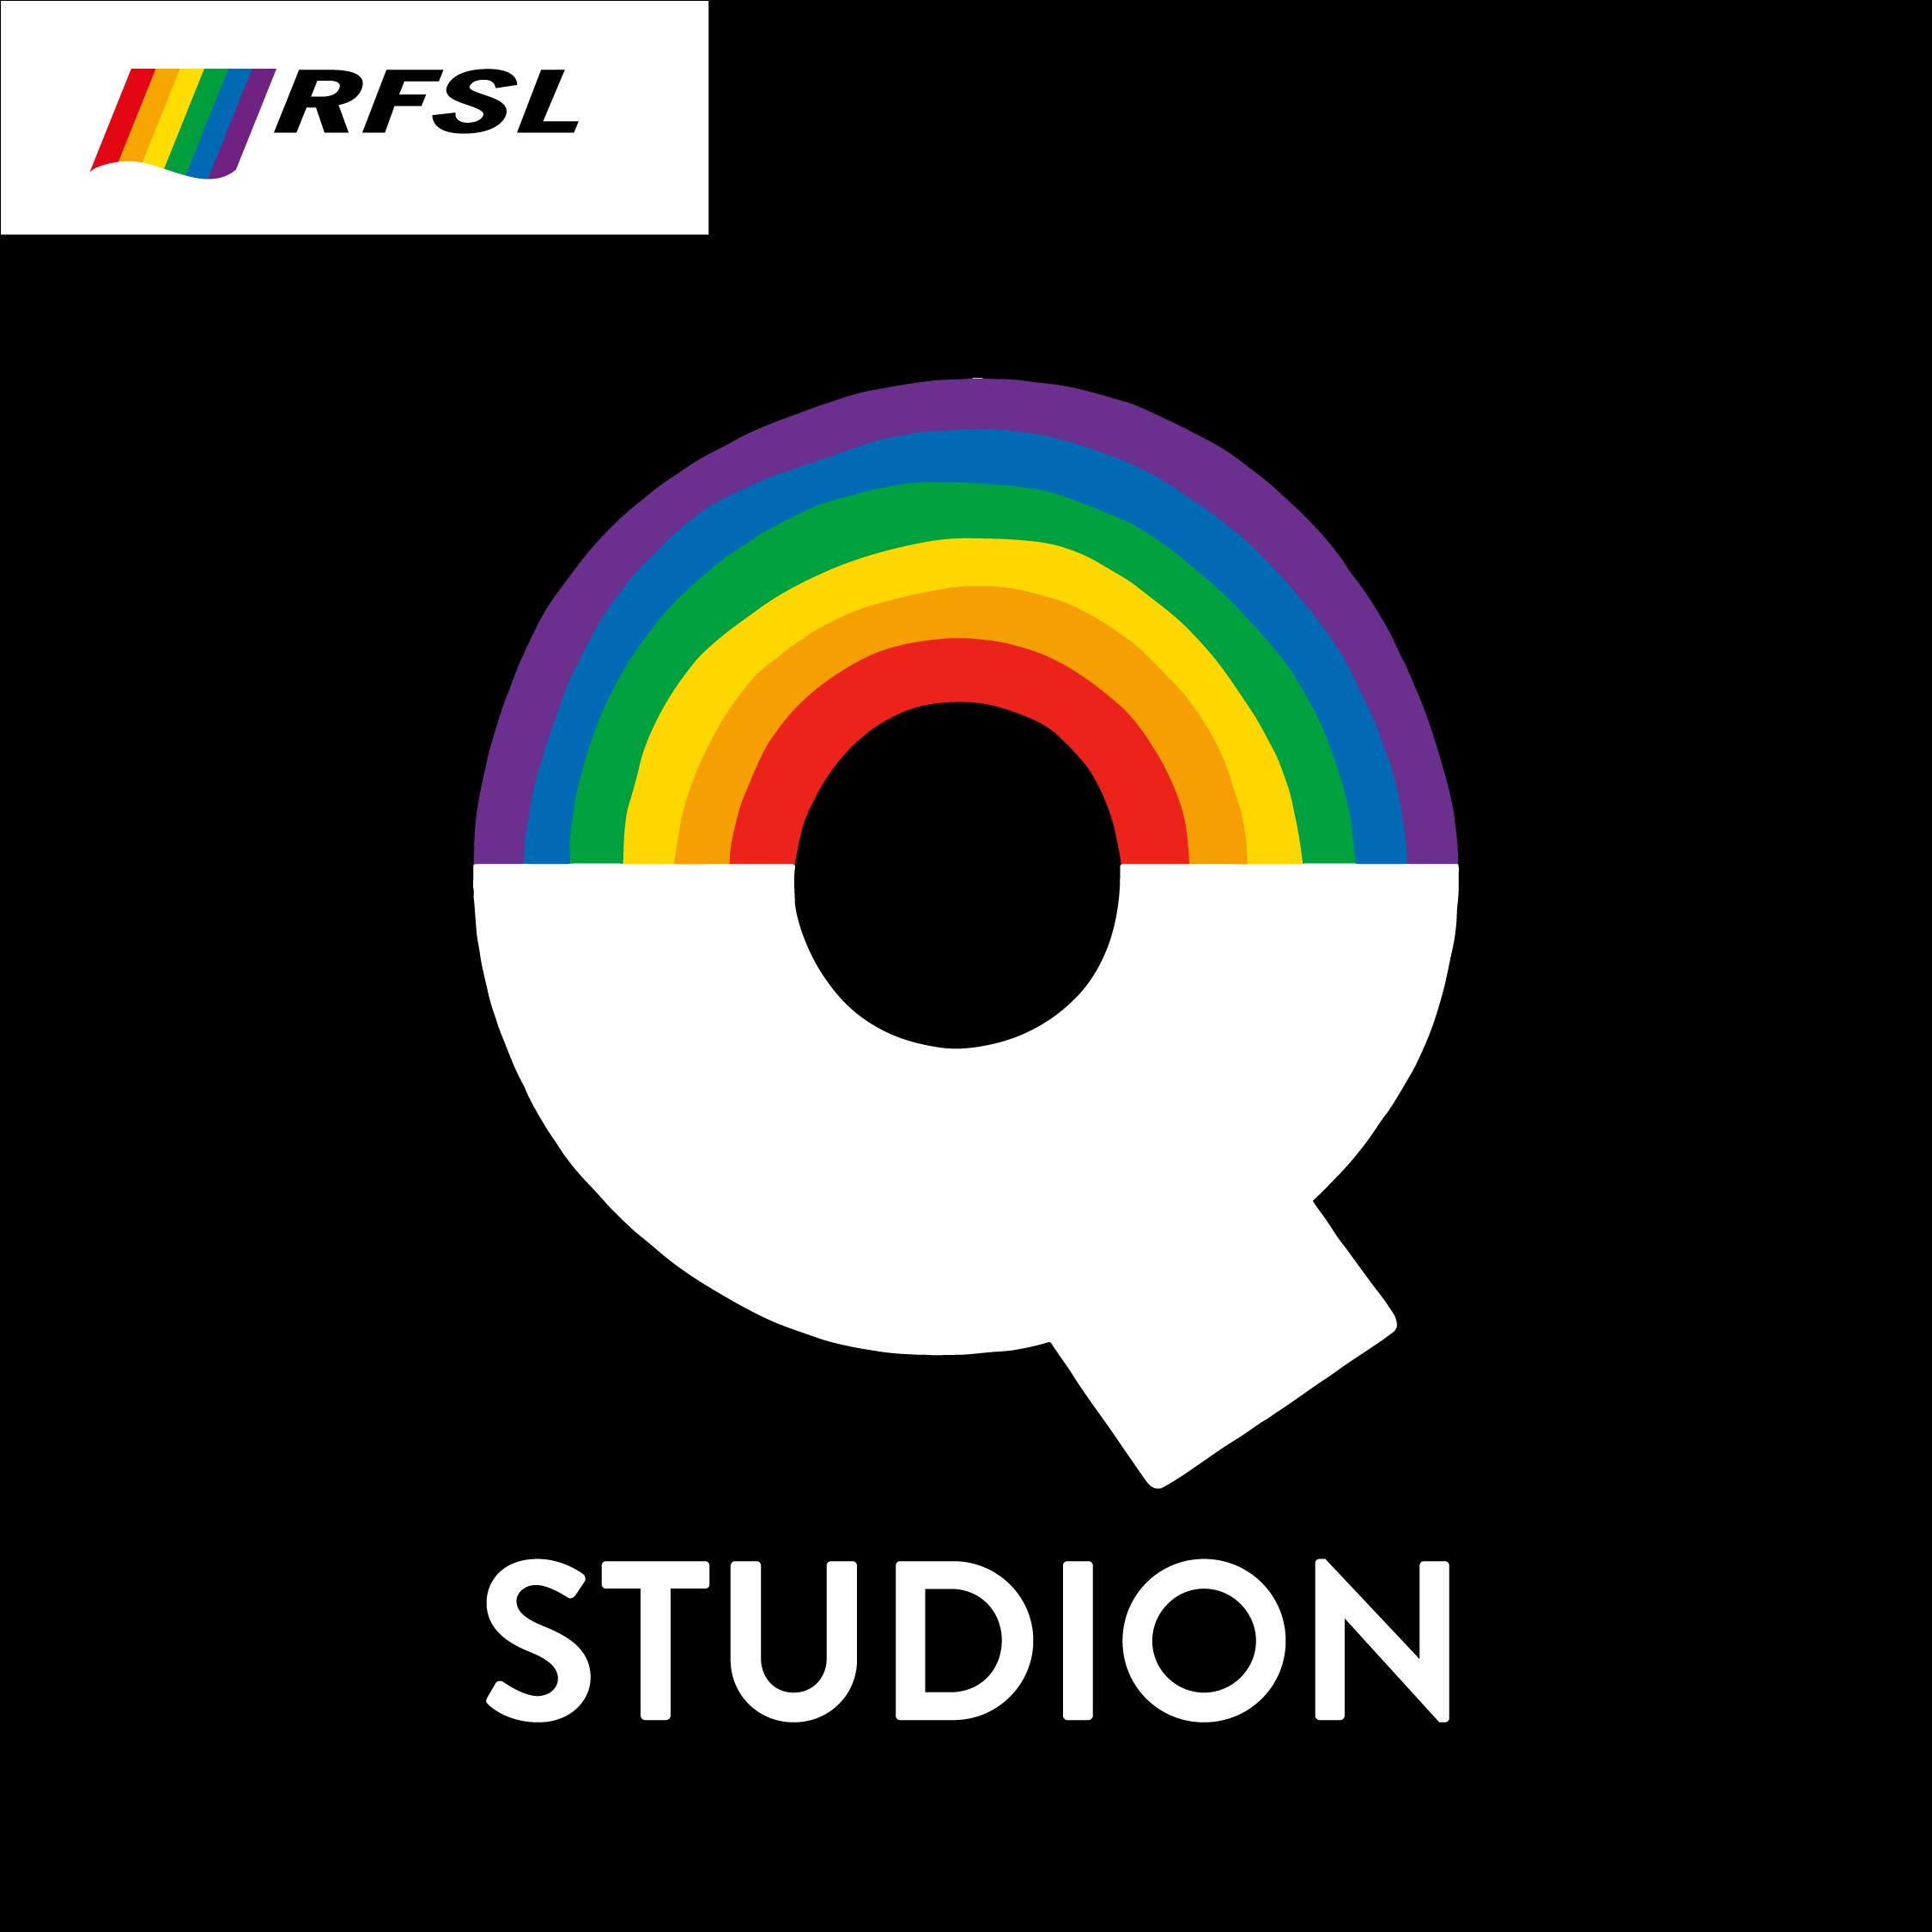 Q-Studion 2. Marsha P. Johnson, STAR och queera rum